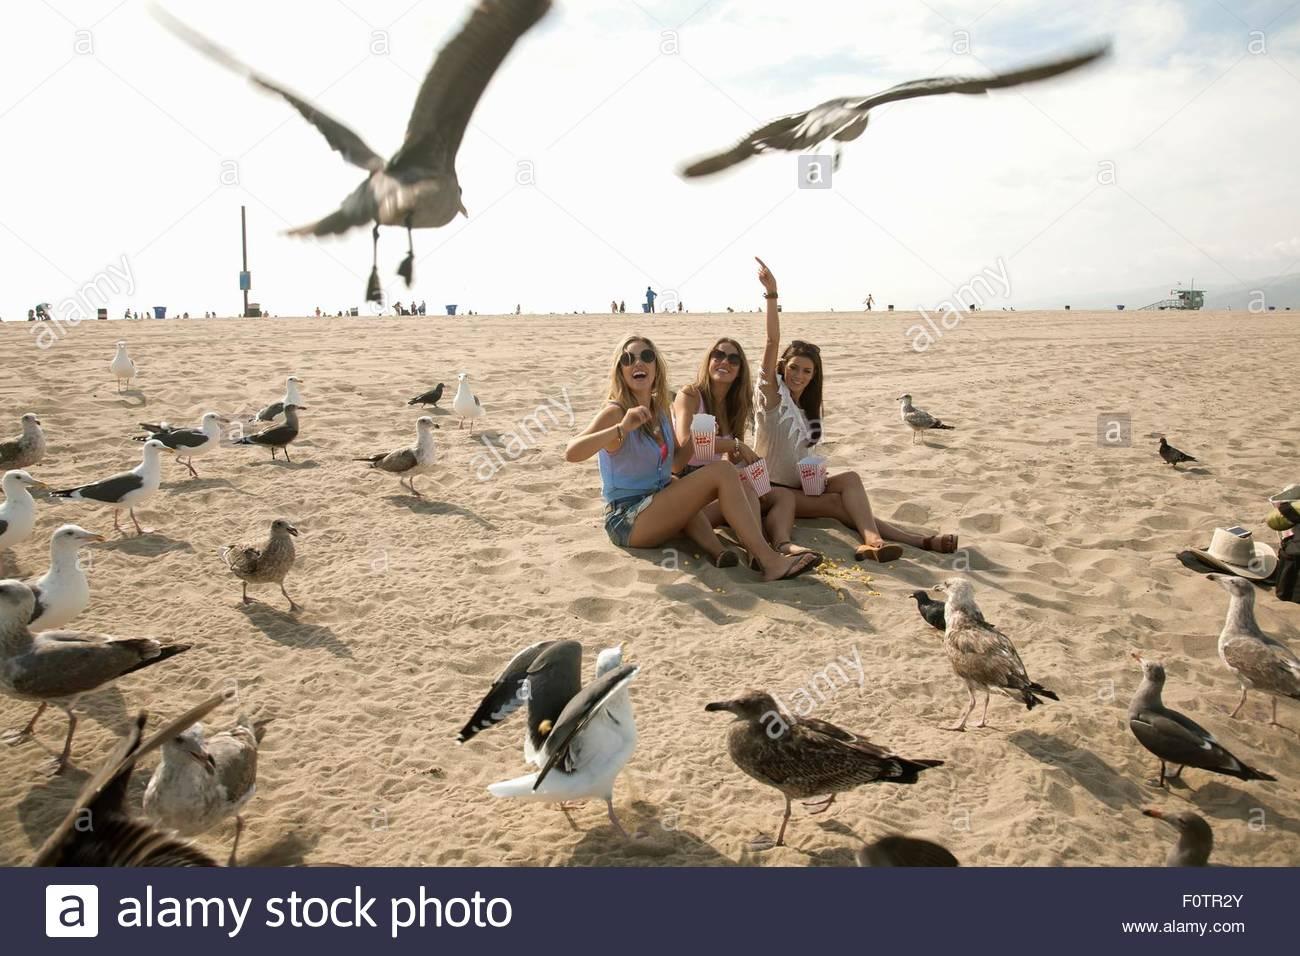 Drei junge Frauen, sitzen am Strand, umgeben von Möwen Stockbild